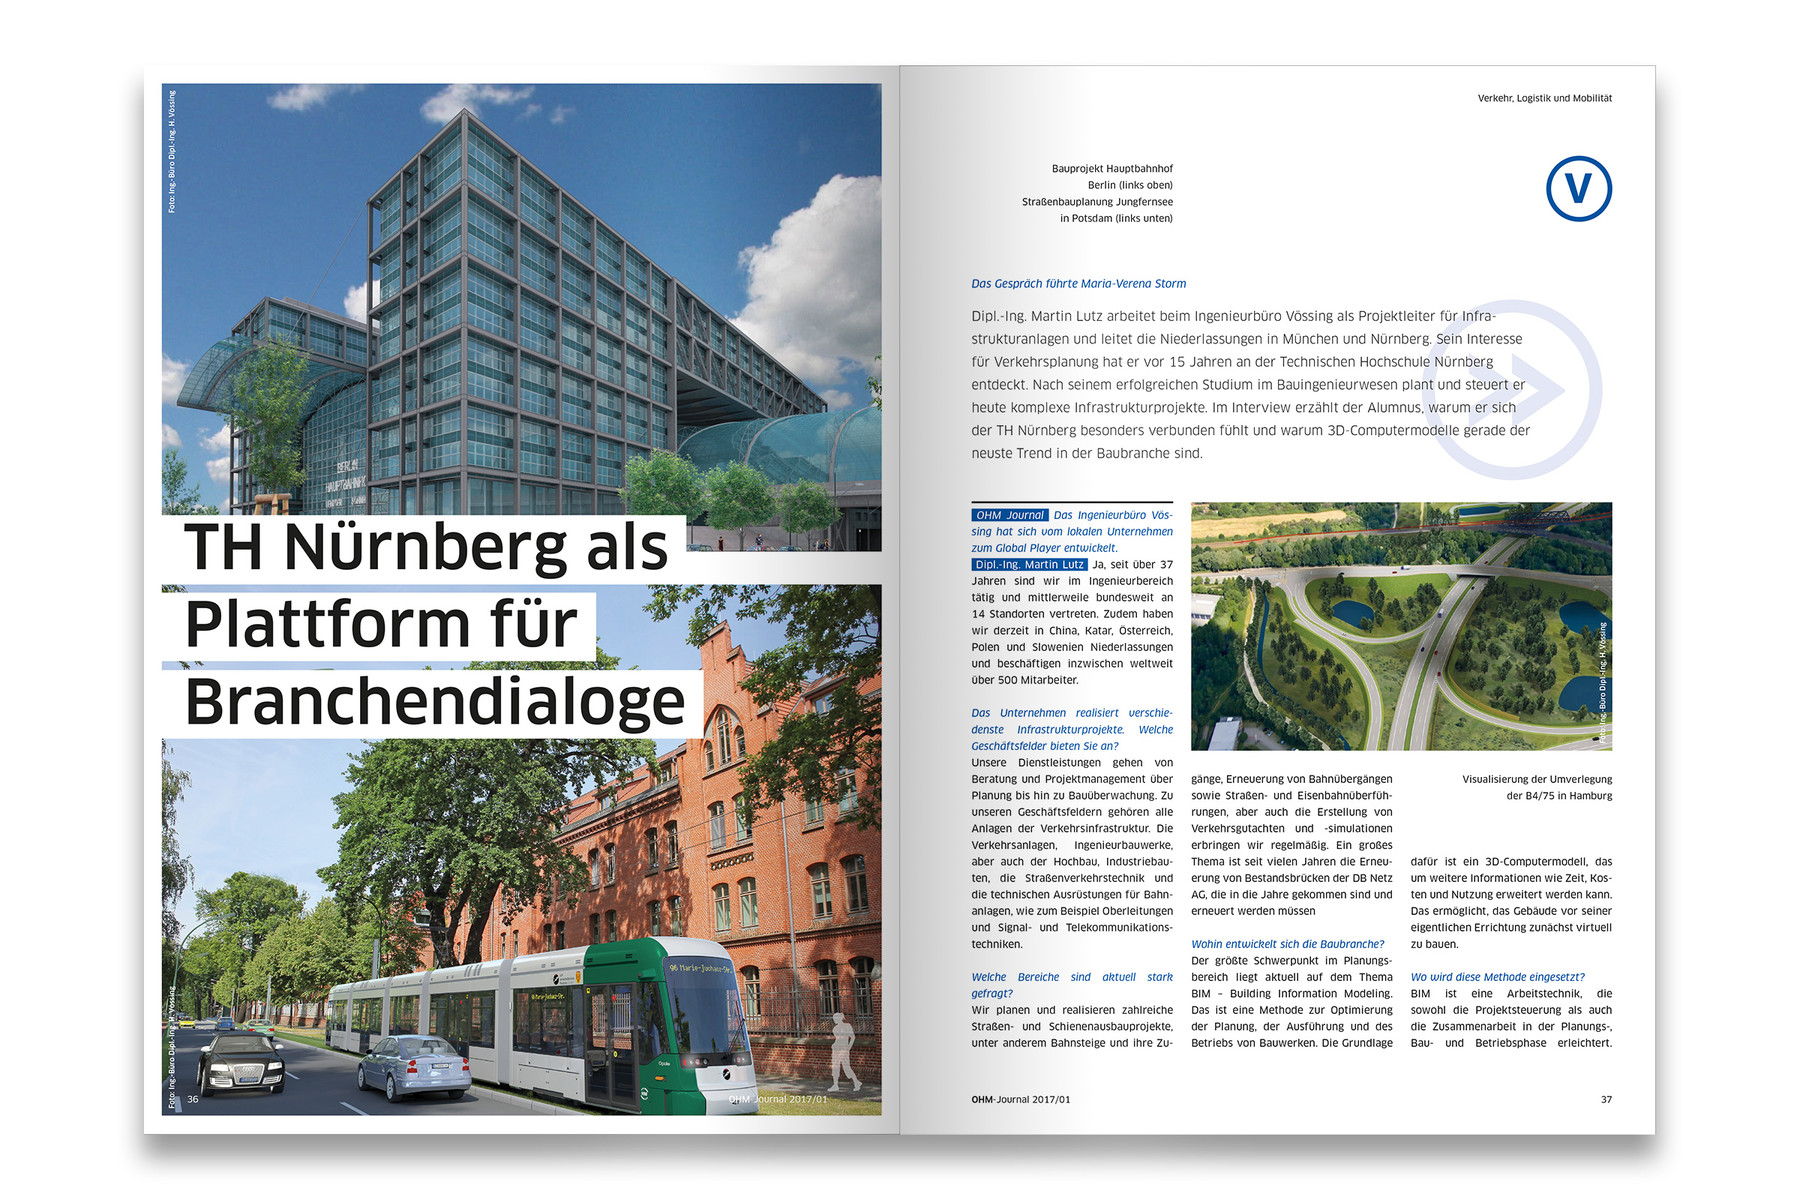 Ohm Journal Für Die Th Nürnberg Federmann Und Kampczyk Design